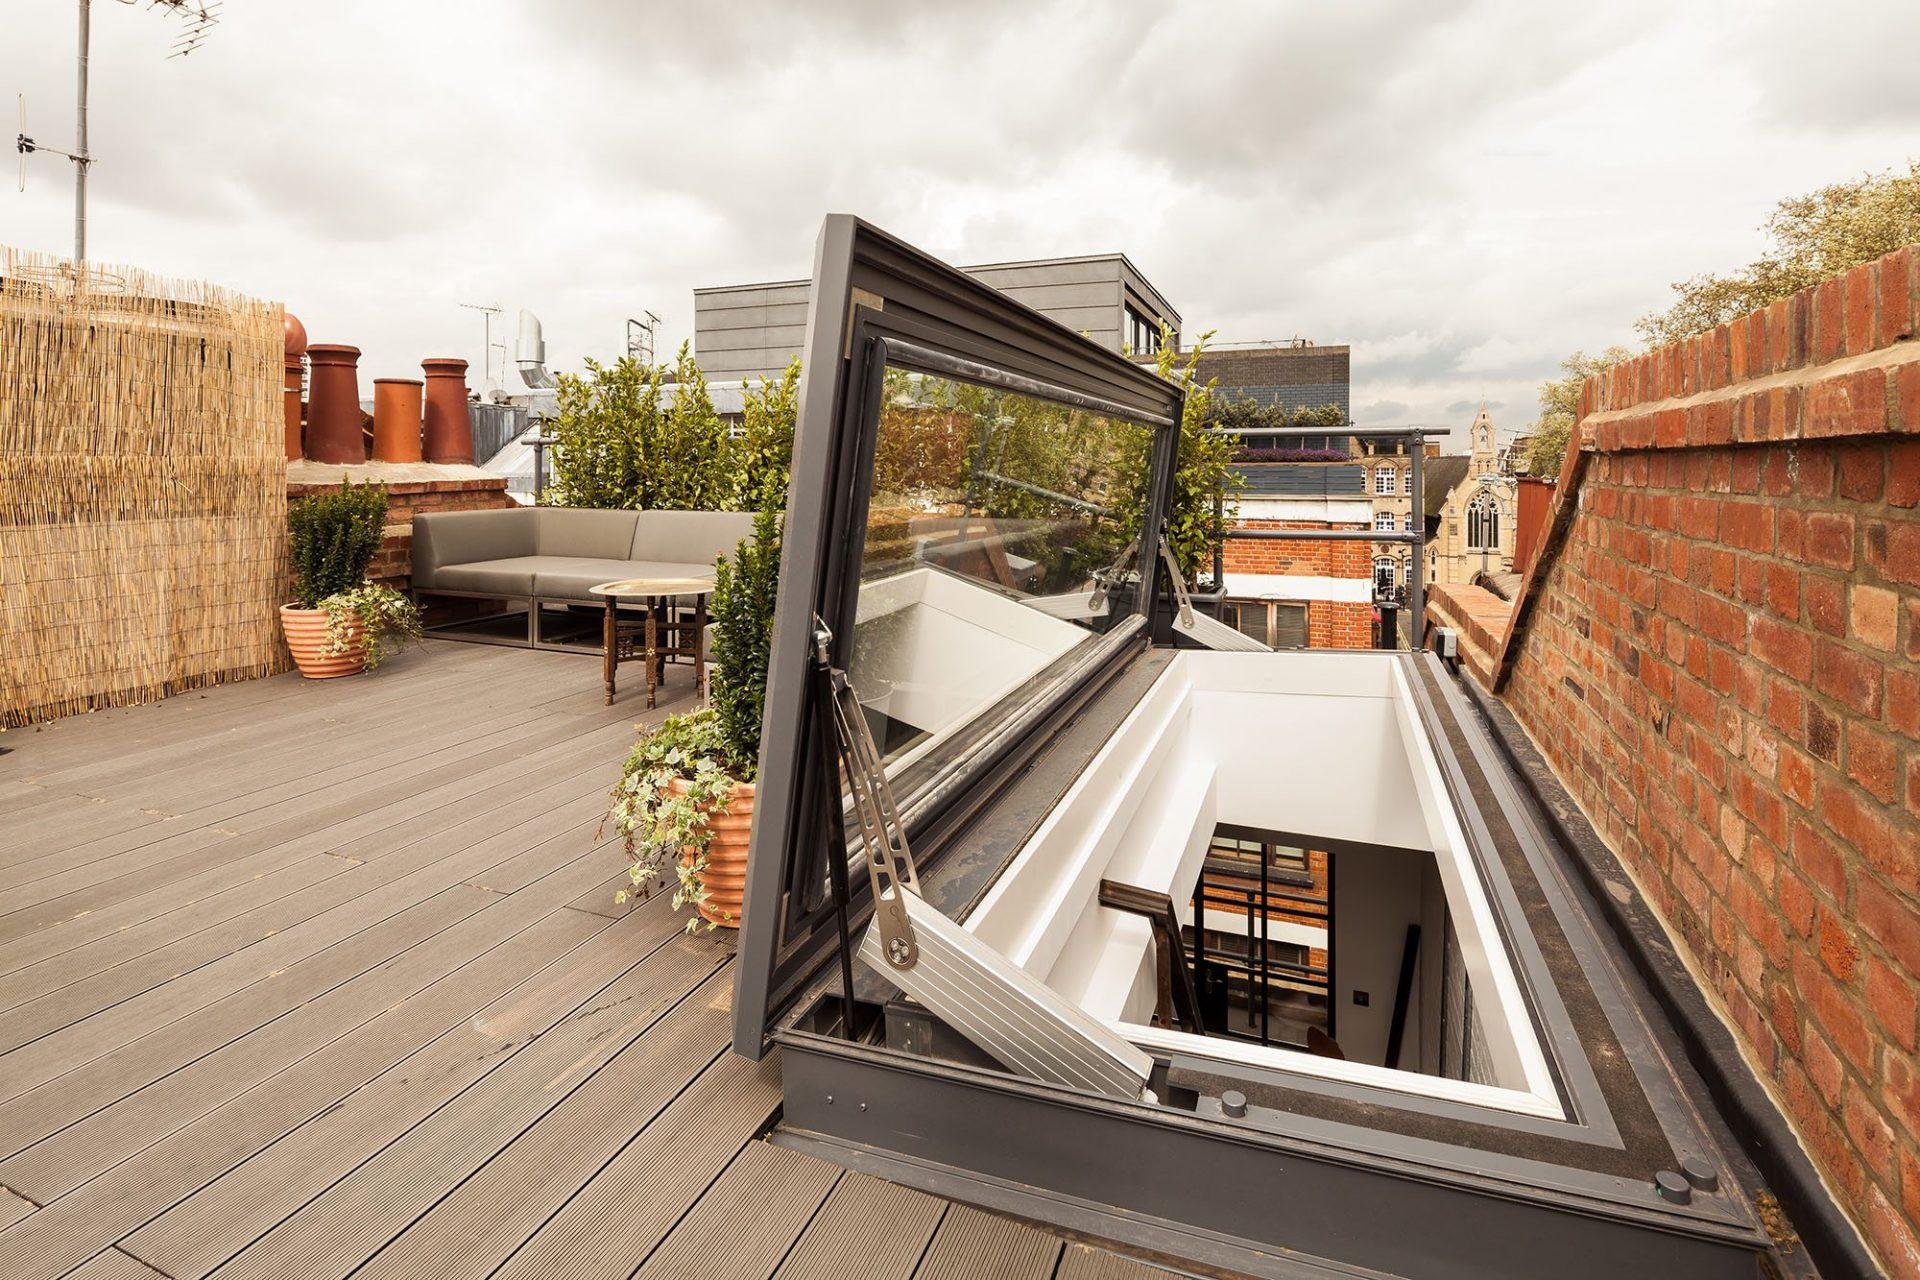 Accès Au Toit - Glazing Vision Europe avec Acces Toit Terrasse